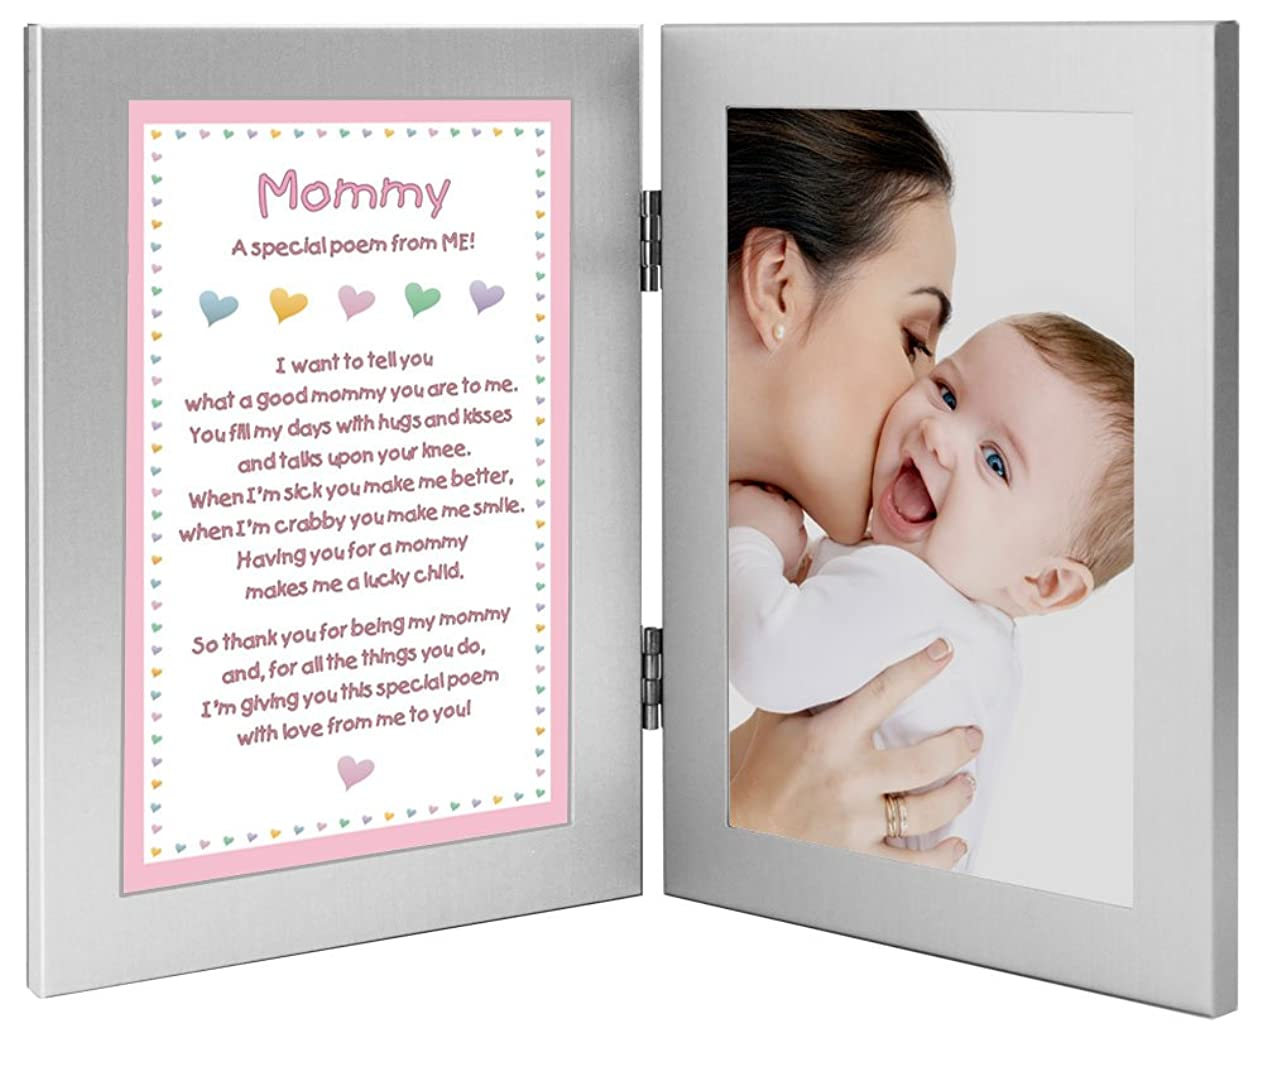 導入する喜んで努力する娘、赤ちゃん、幼児からの母のギフト - MEからの特別な詩、写真を追加